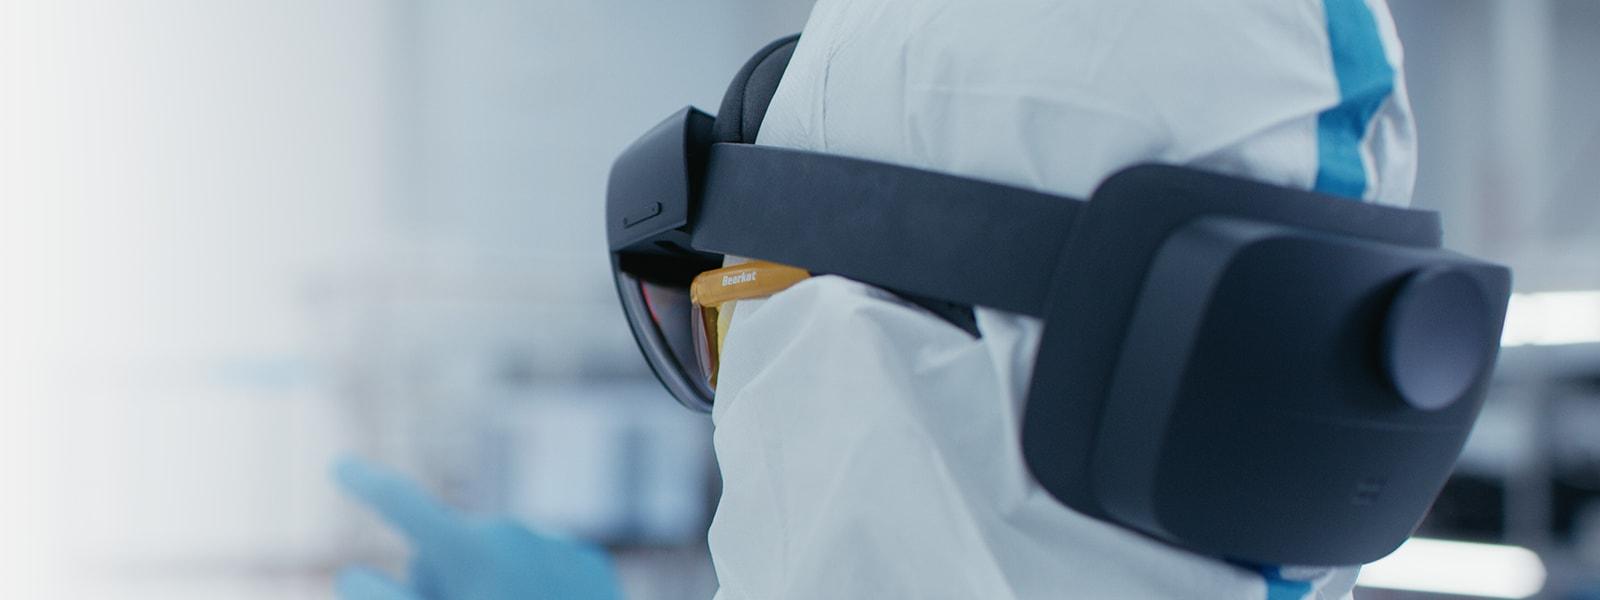 Eine Person trägt ein HoloLens 2 Industrial Edition-Gerät.